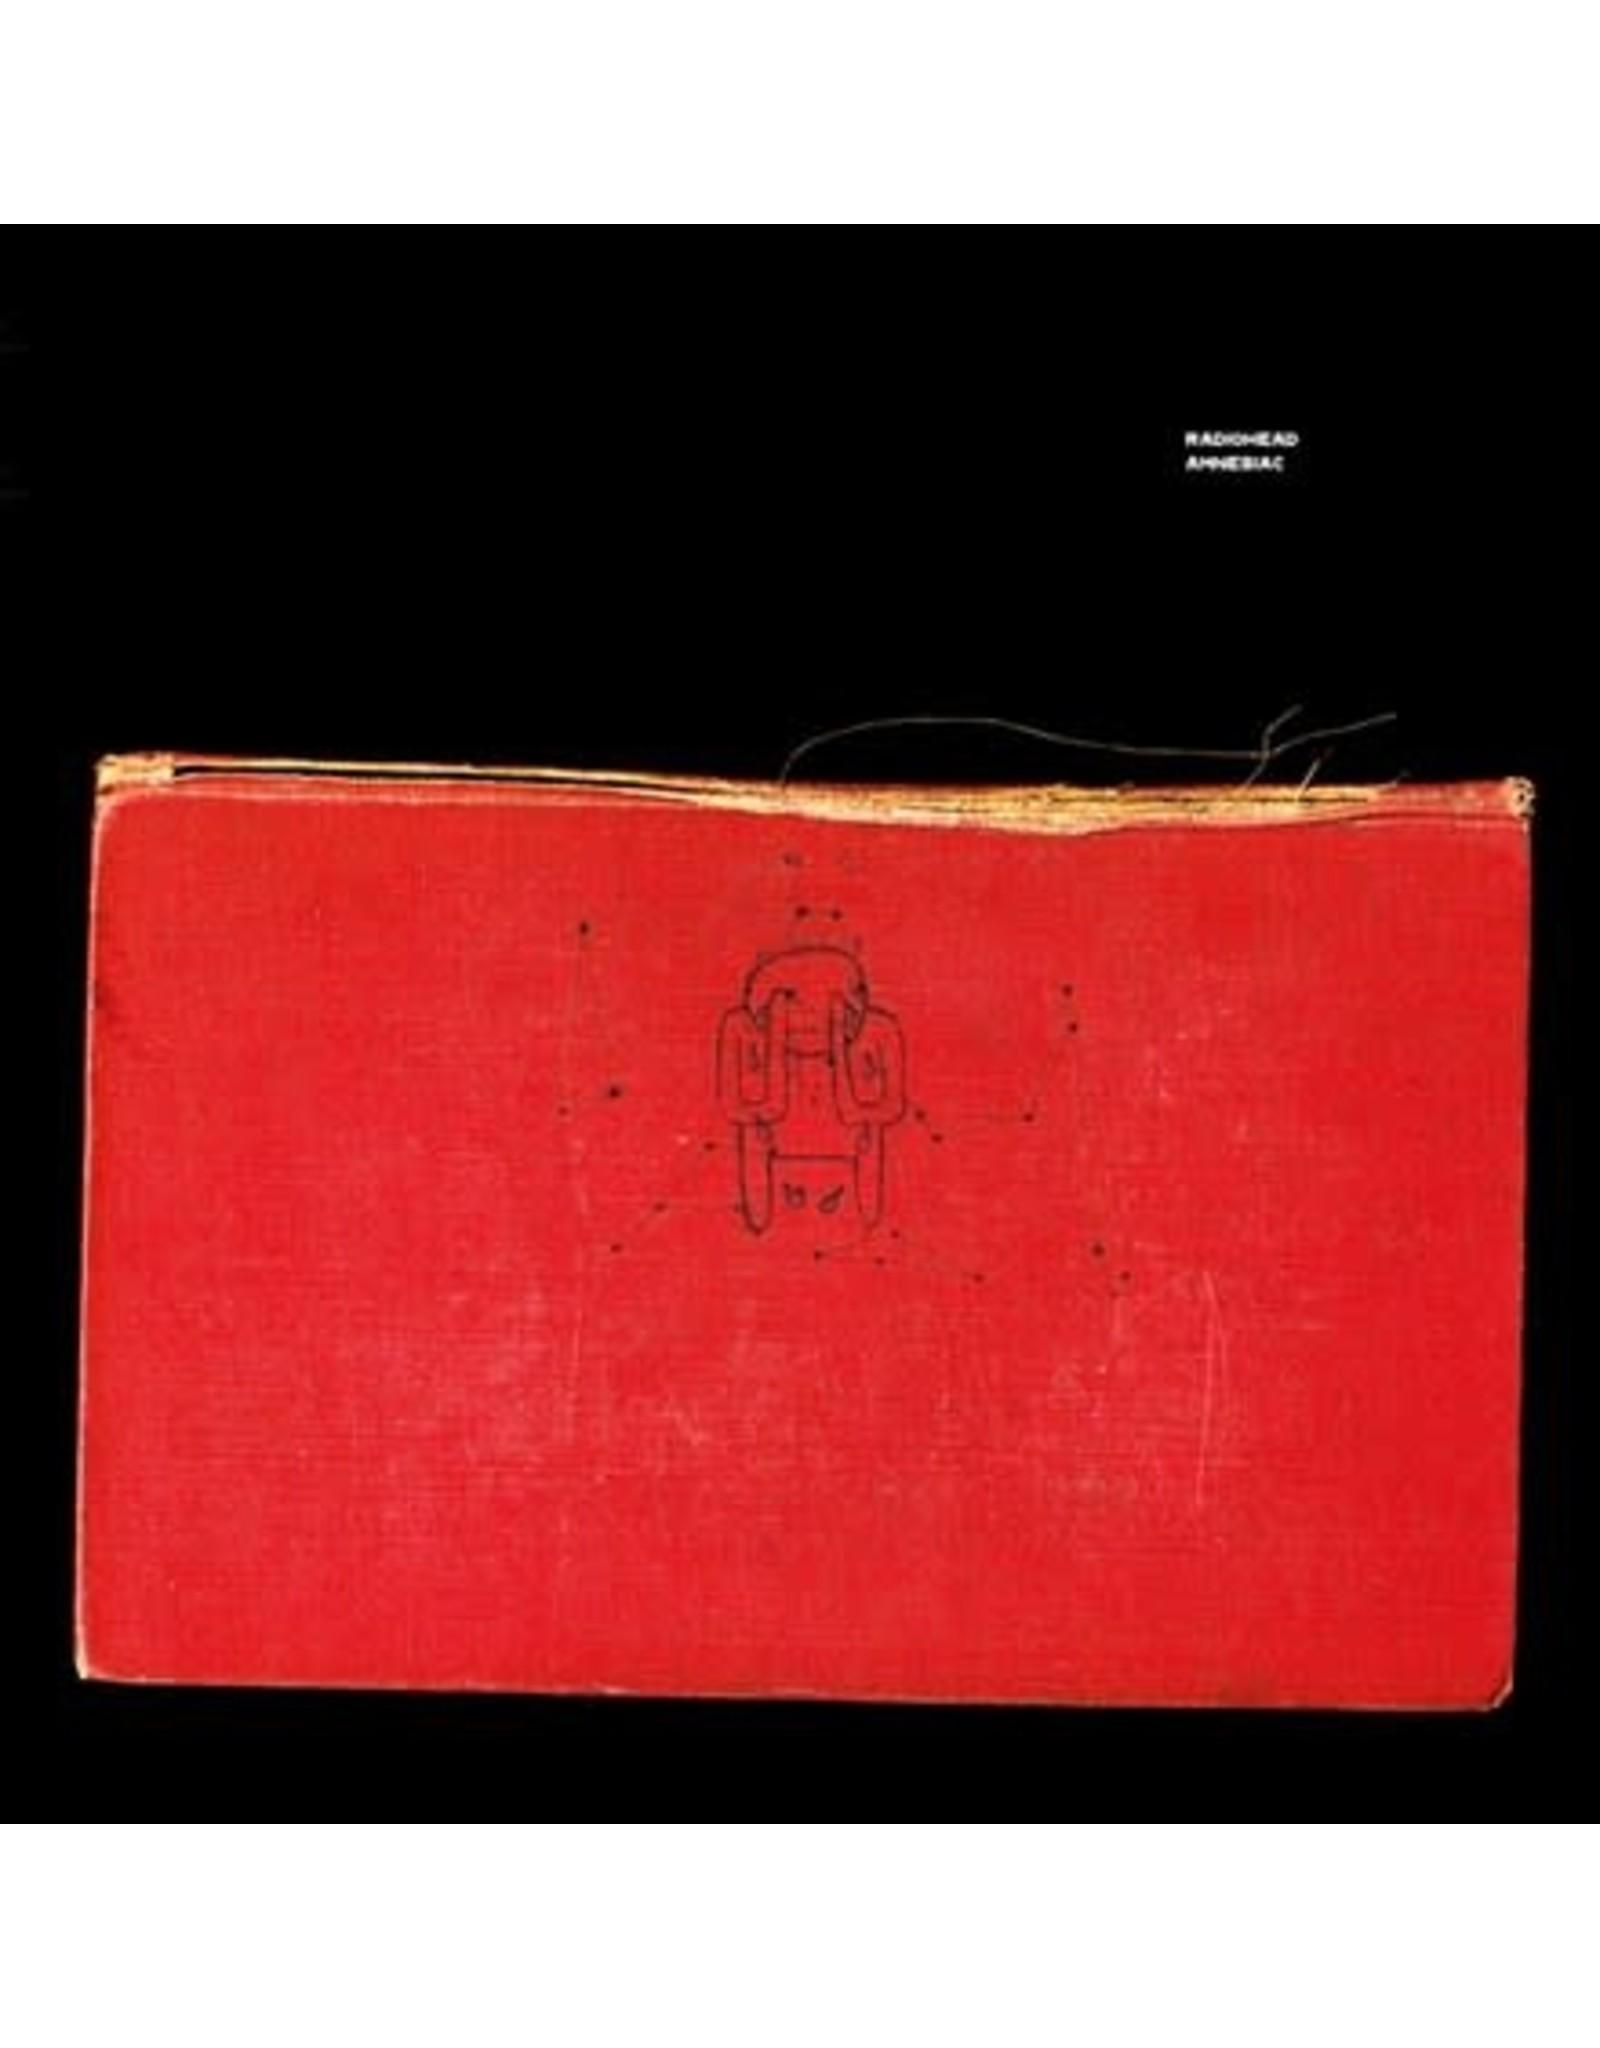 XL Radiohead: Amnesiac LP